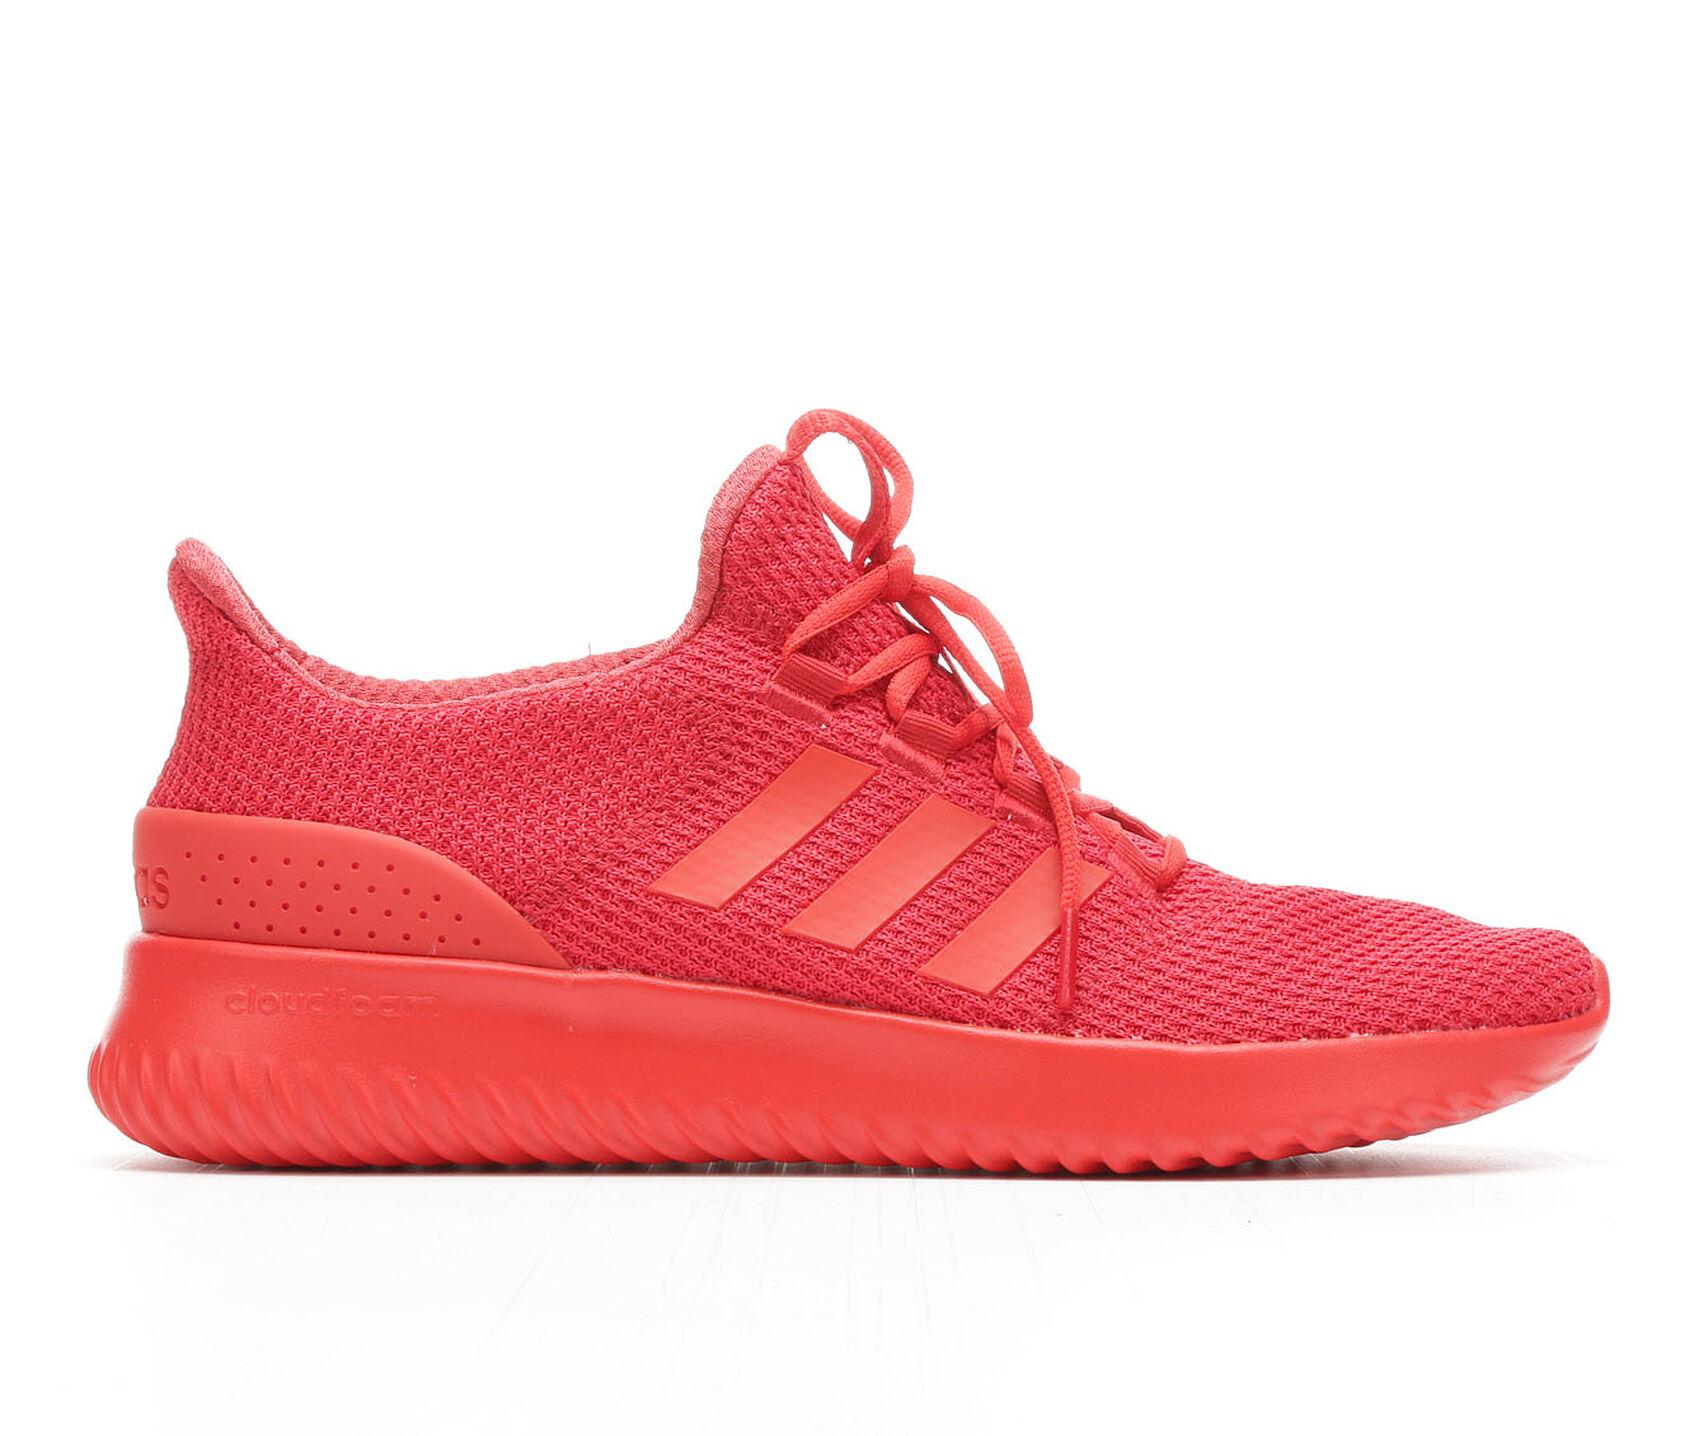 Mens Adidas Orange Cloudfoam Shoes